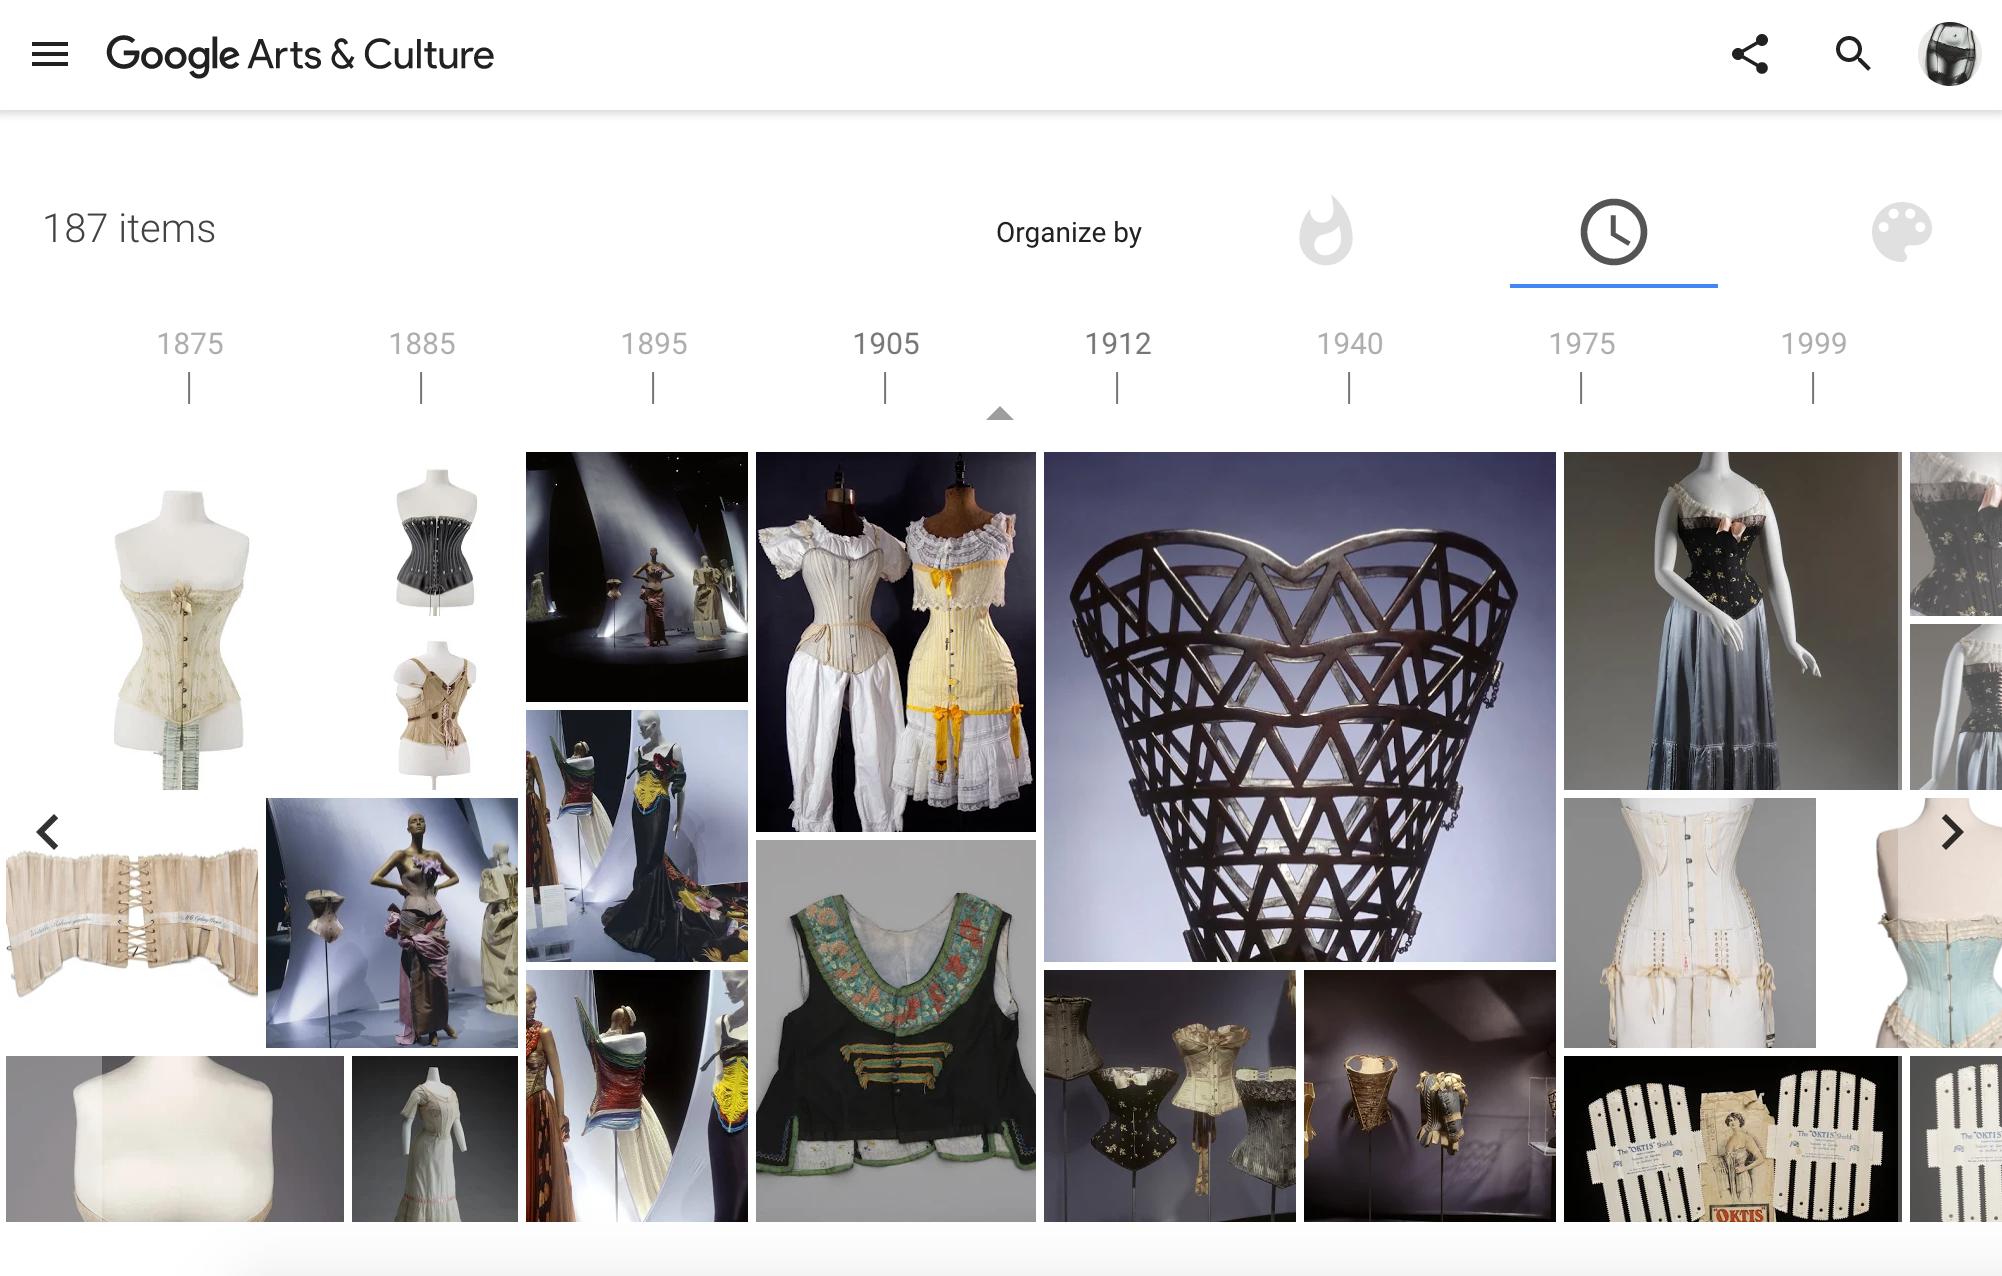 История нижнего белья и модных трендов в онлайн-музее Google Arts & Culture